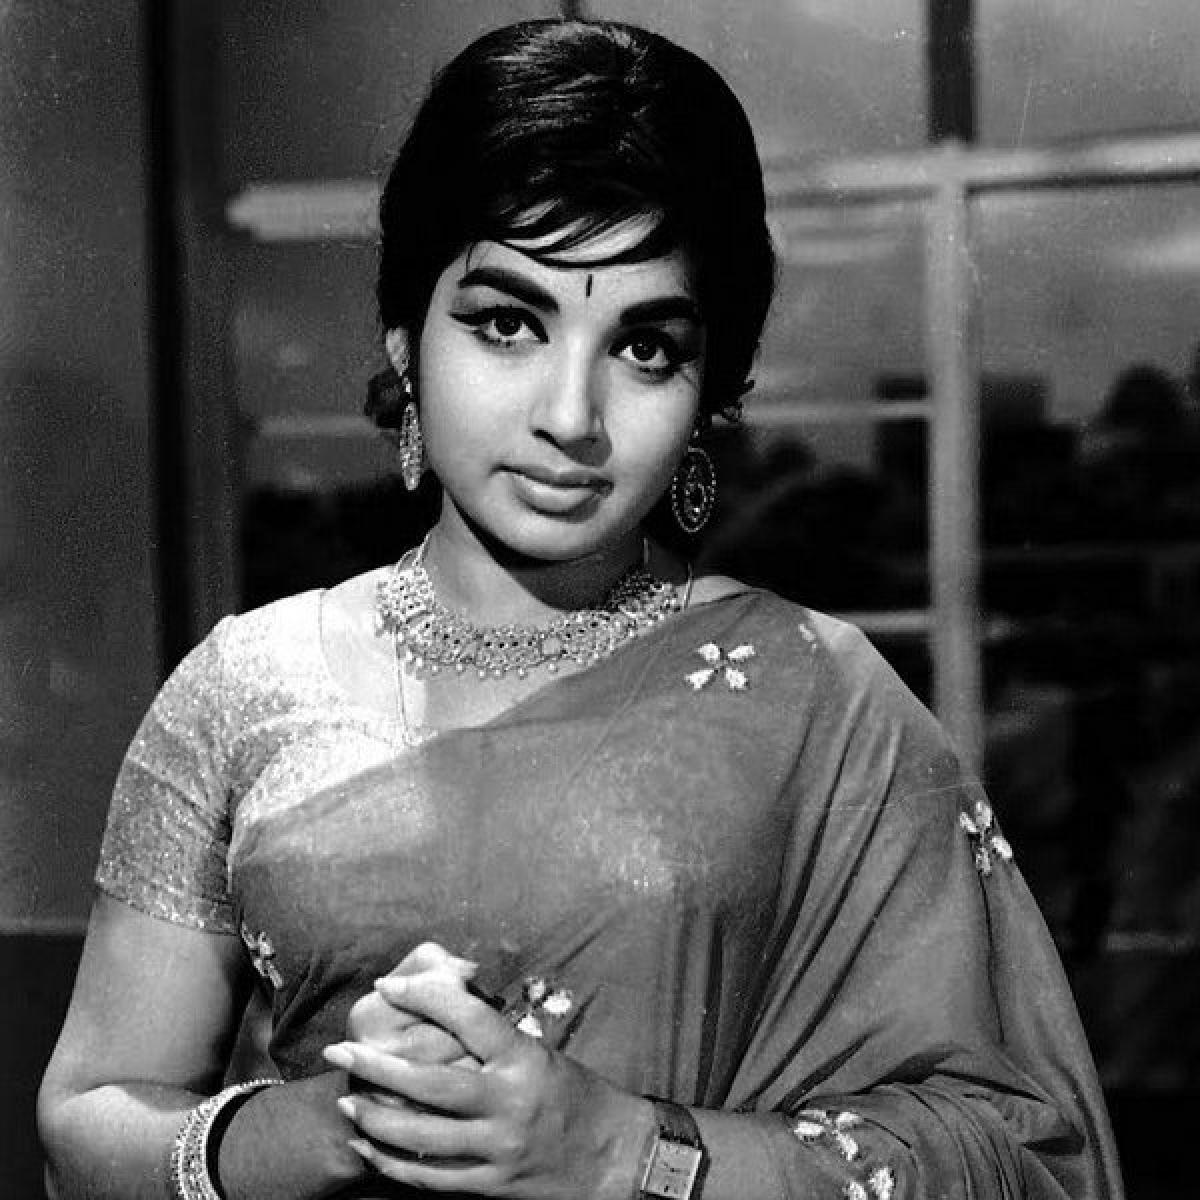 ஜெயலலிதாவுக்குப் பிடித்த வக்கீல் யார் தெரியுமா? #Jayalalithaa